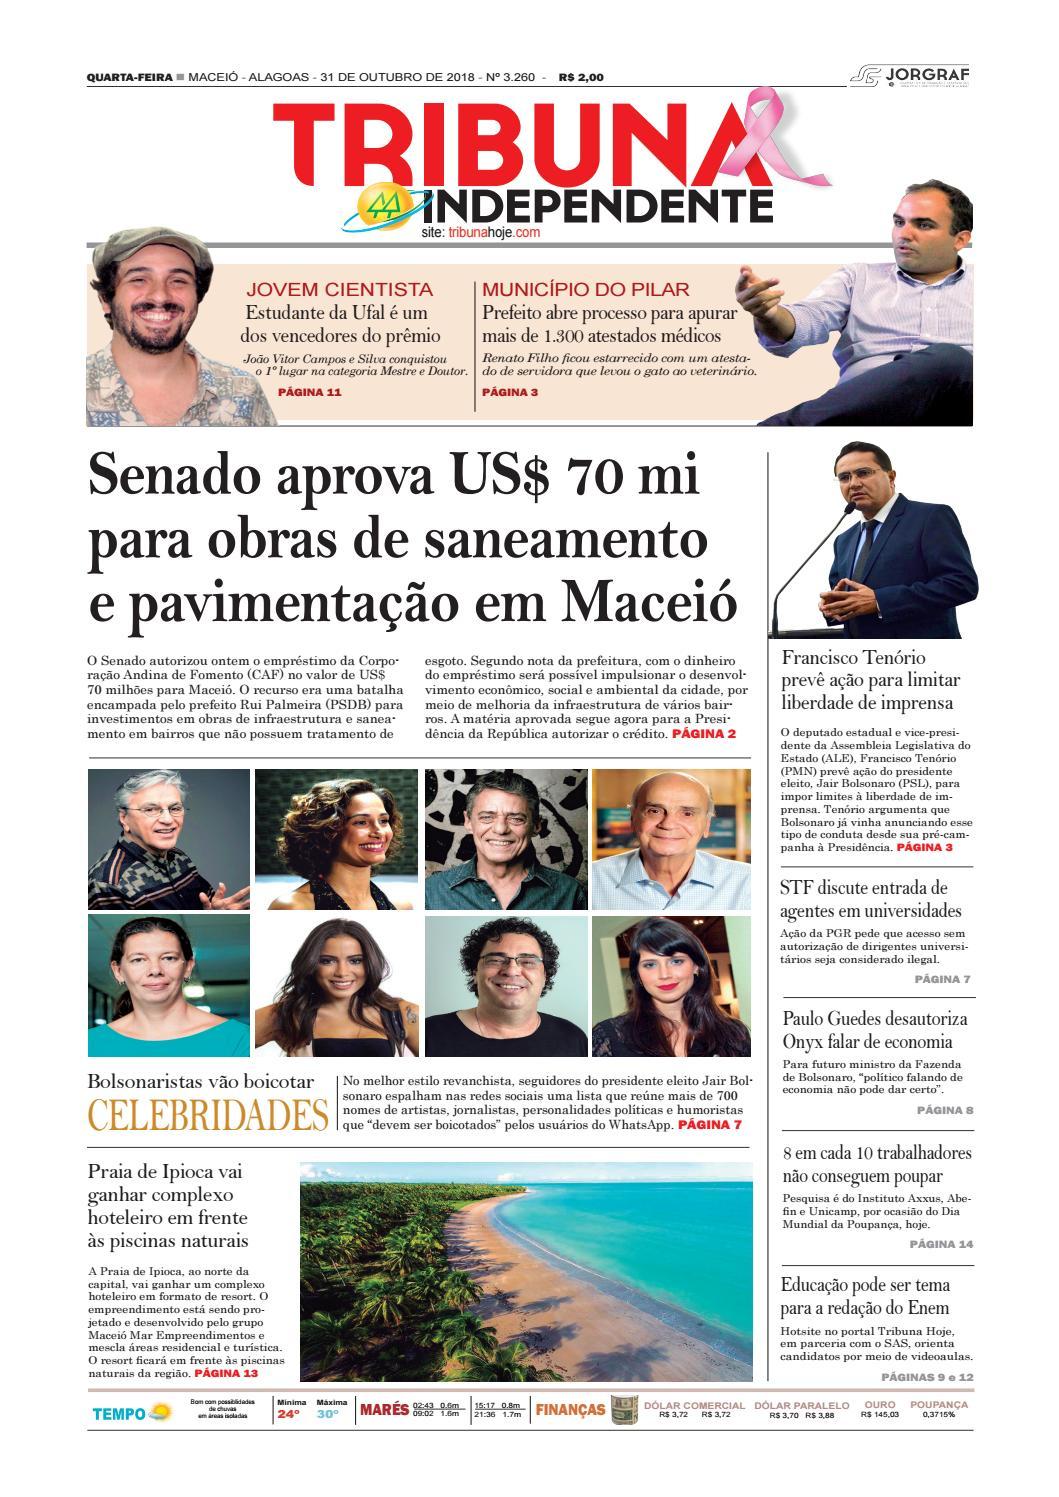 f2566ff8718 Edição número 3260 - 31 de outubro de 2018 by Tribuna Hoje - issuu